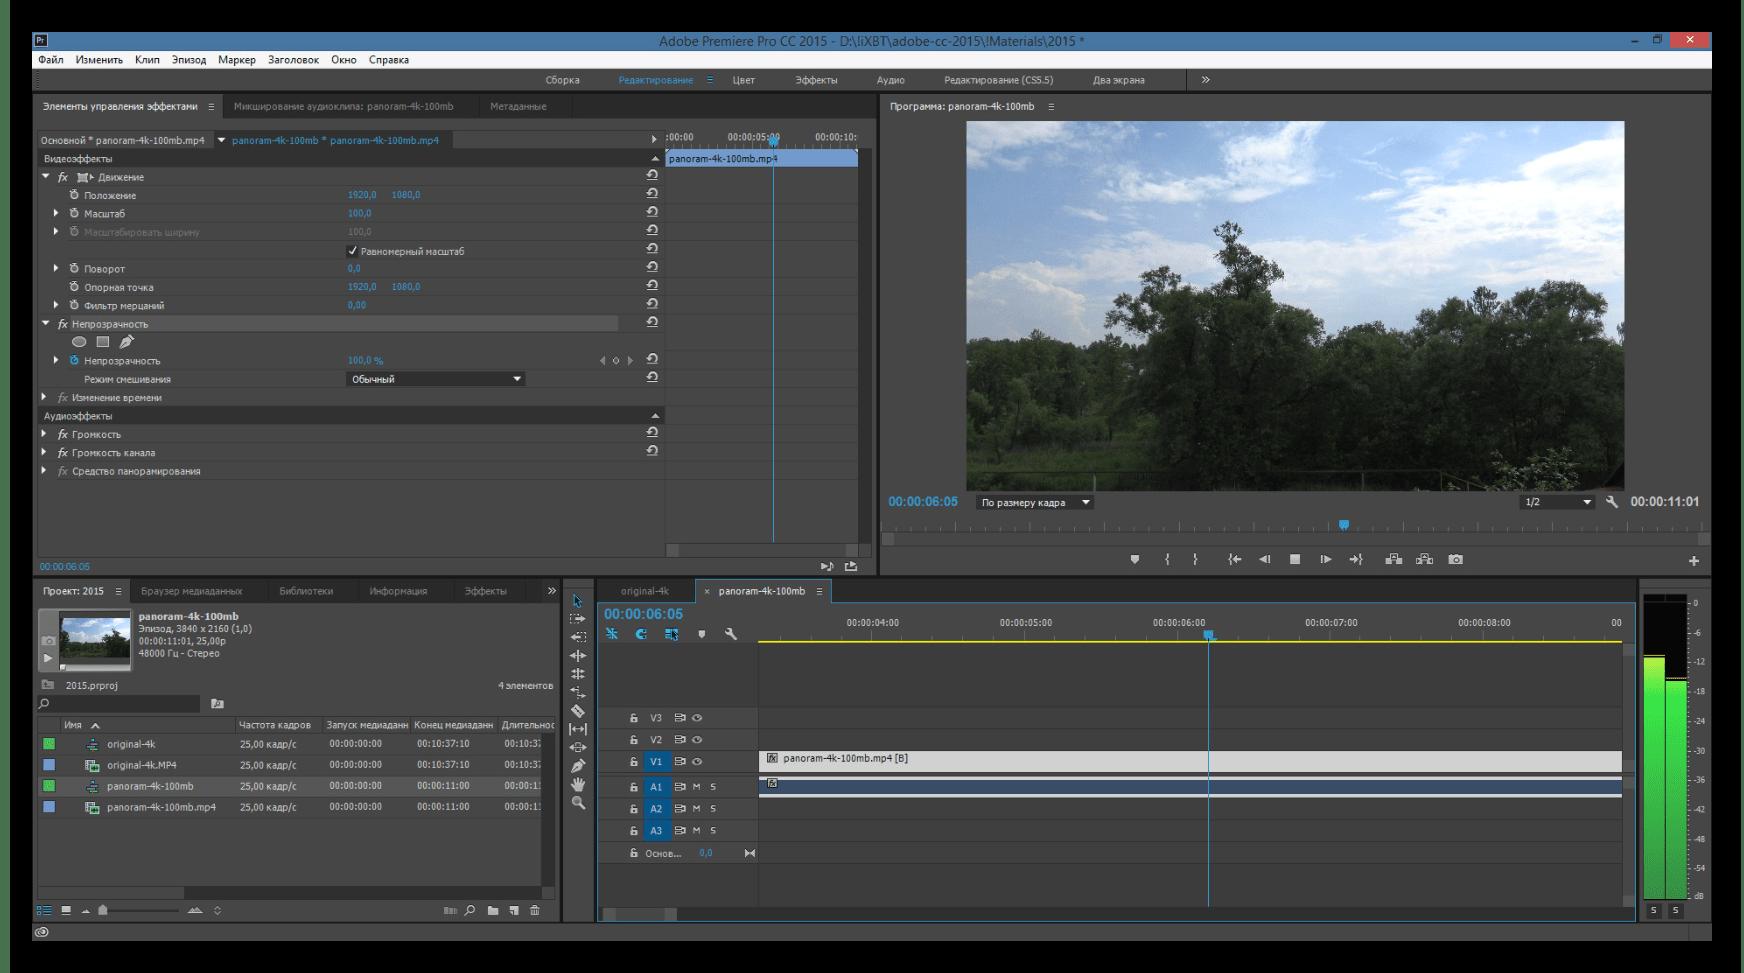 Интерфейс программы Adobe Premier Pro